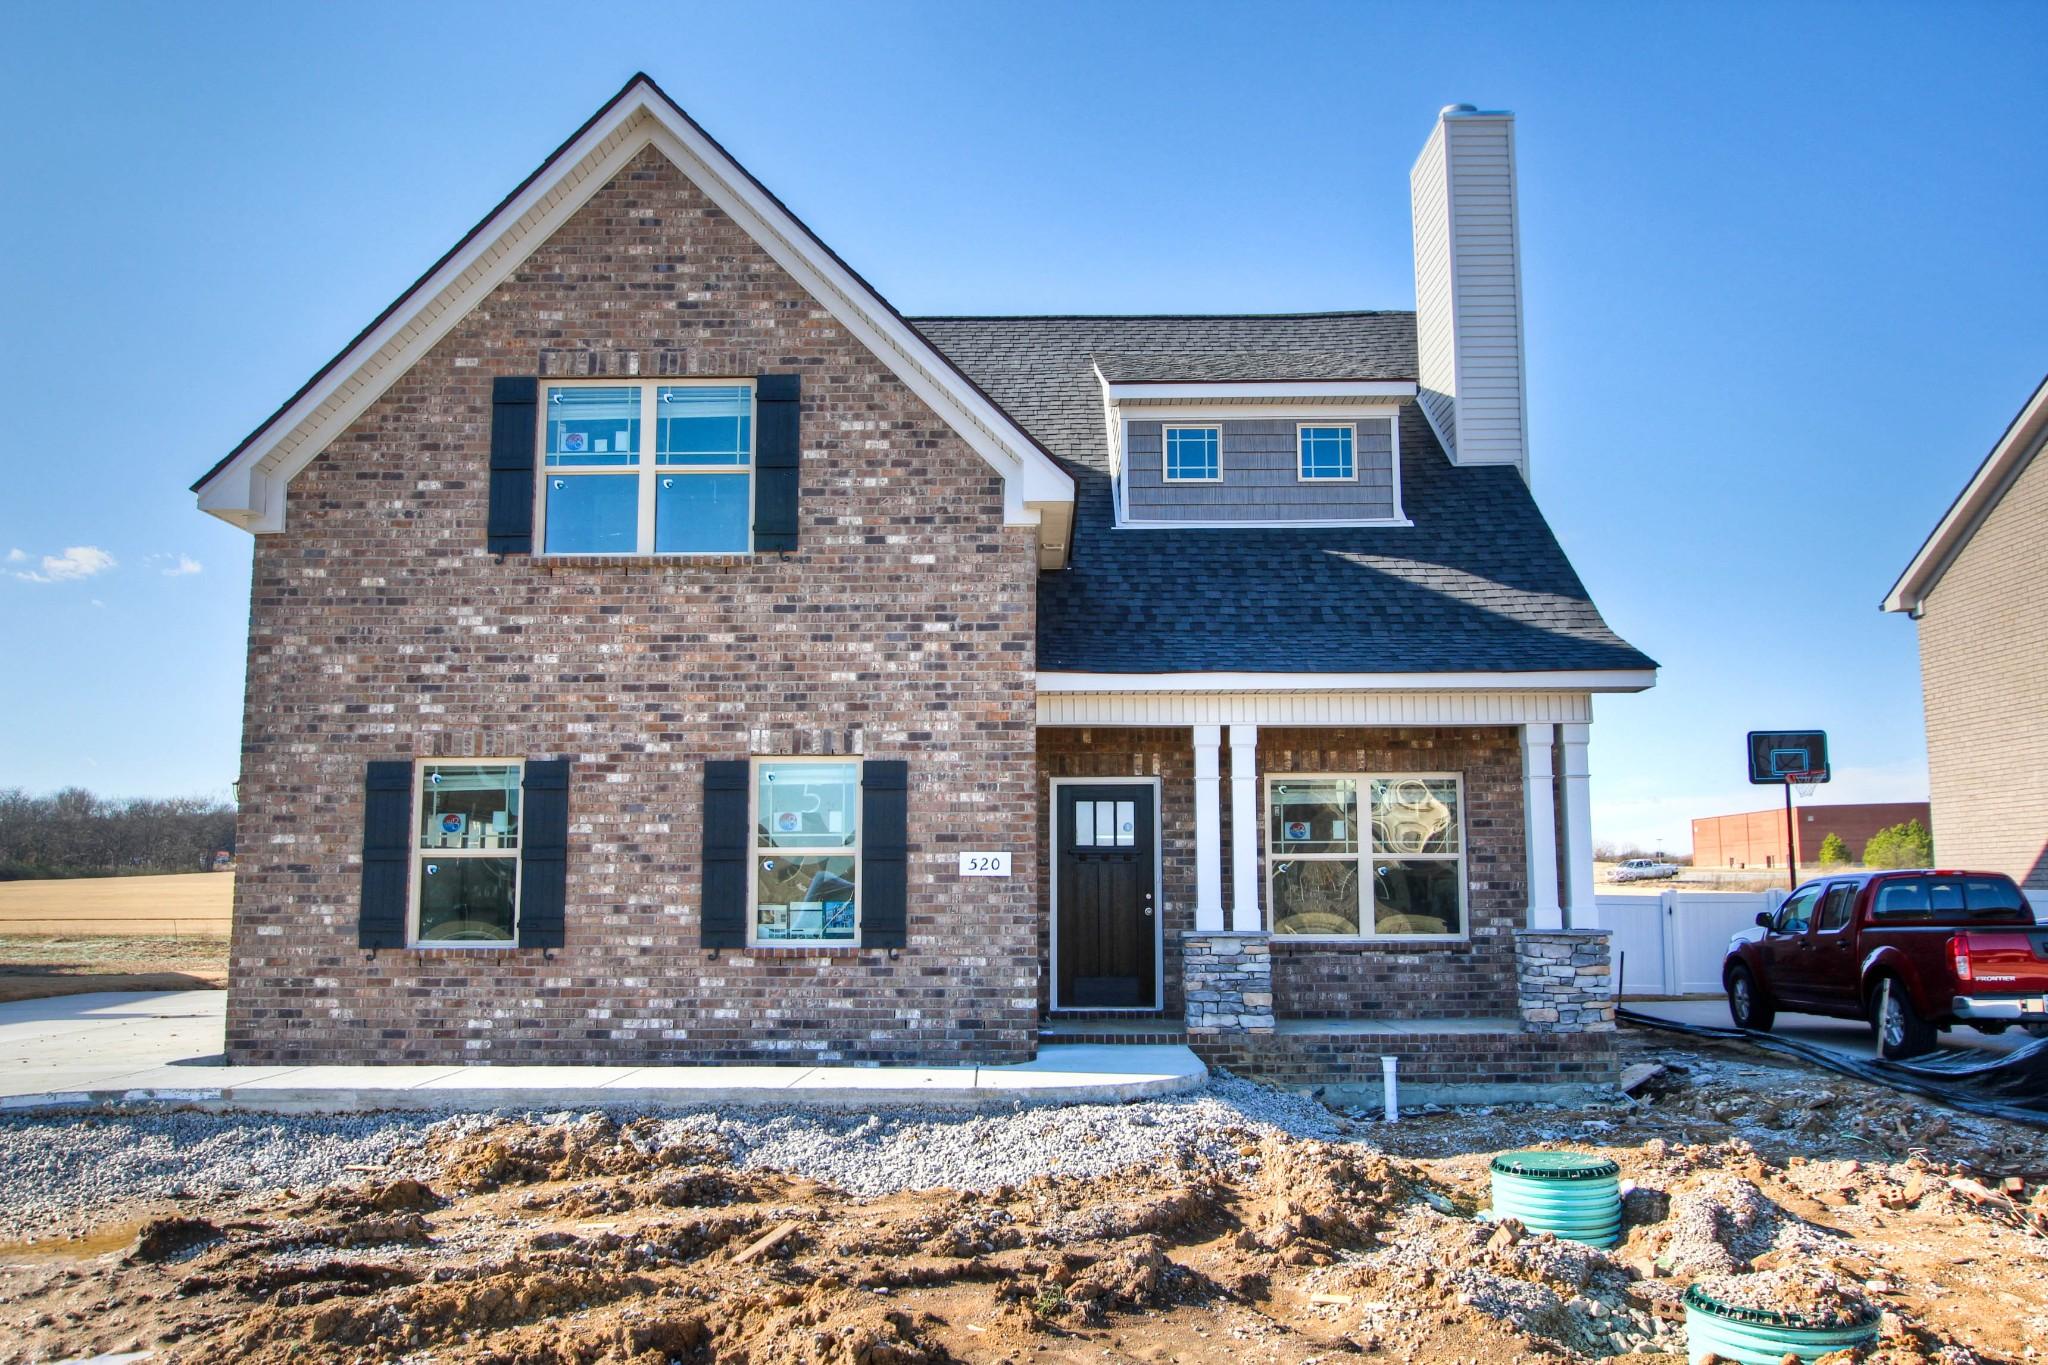 520 Eagle View Dr.- #5, Eagleville, TN 37060 - Eagleville, TN real estate listing